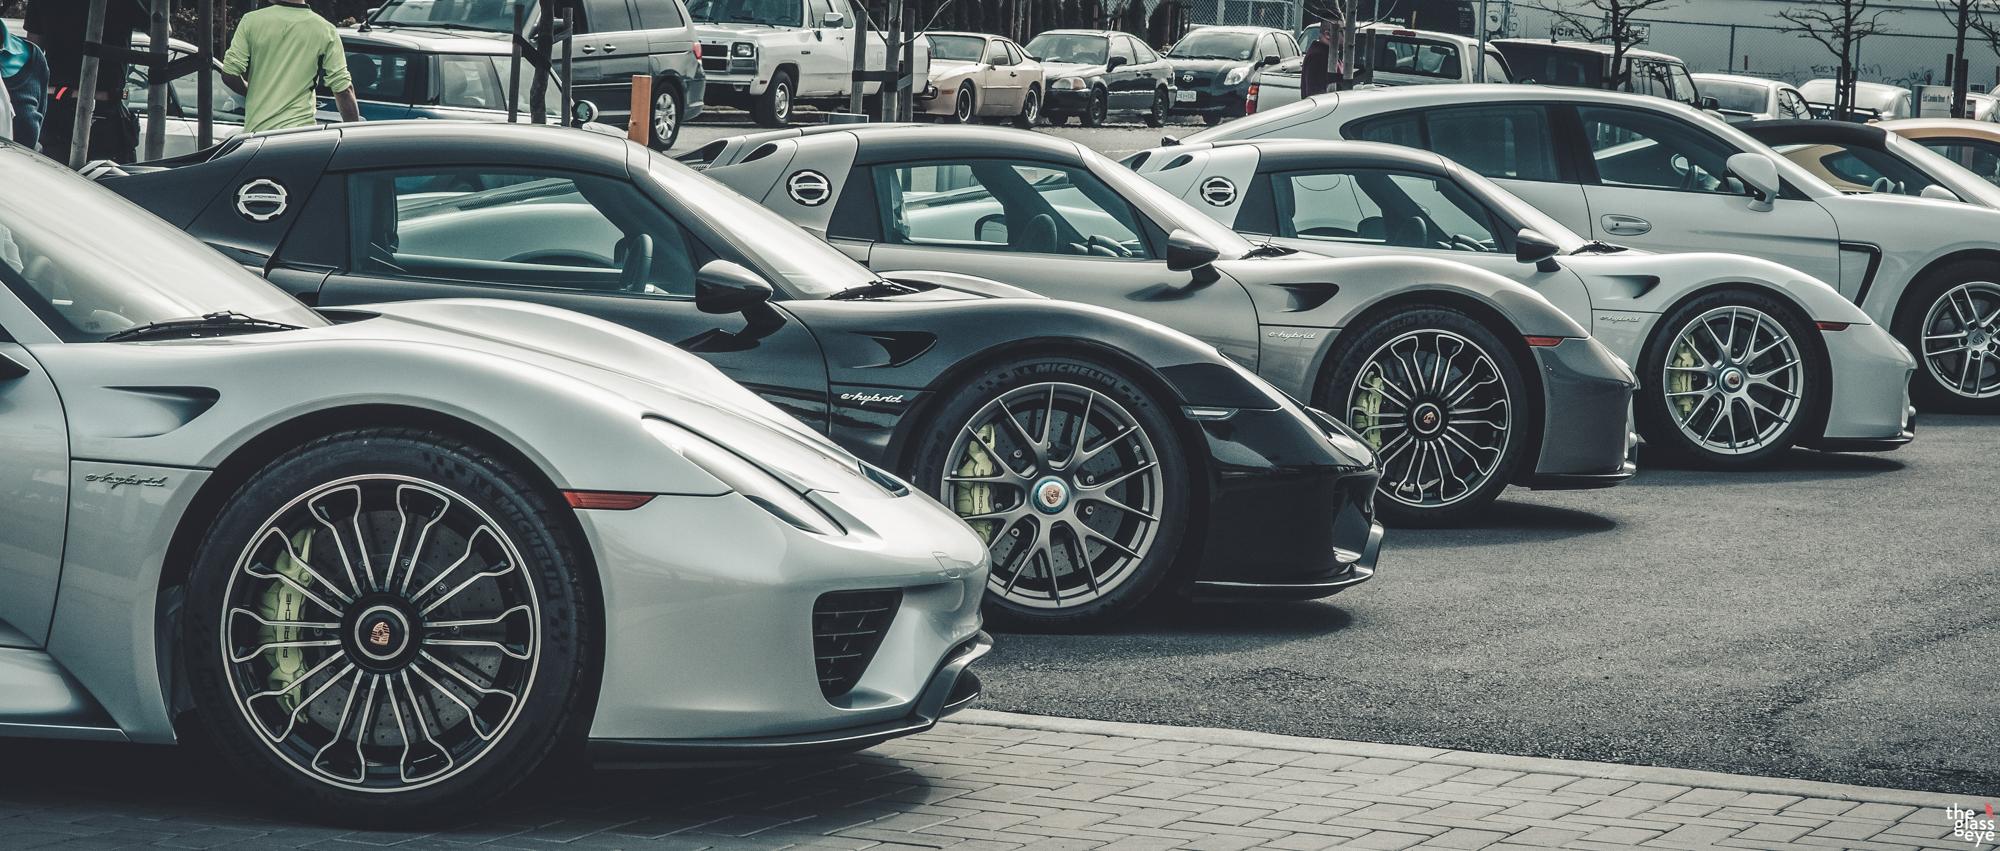 Porsche_Vancouver_918015.jpg